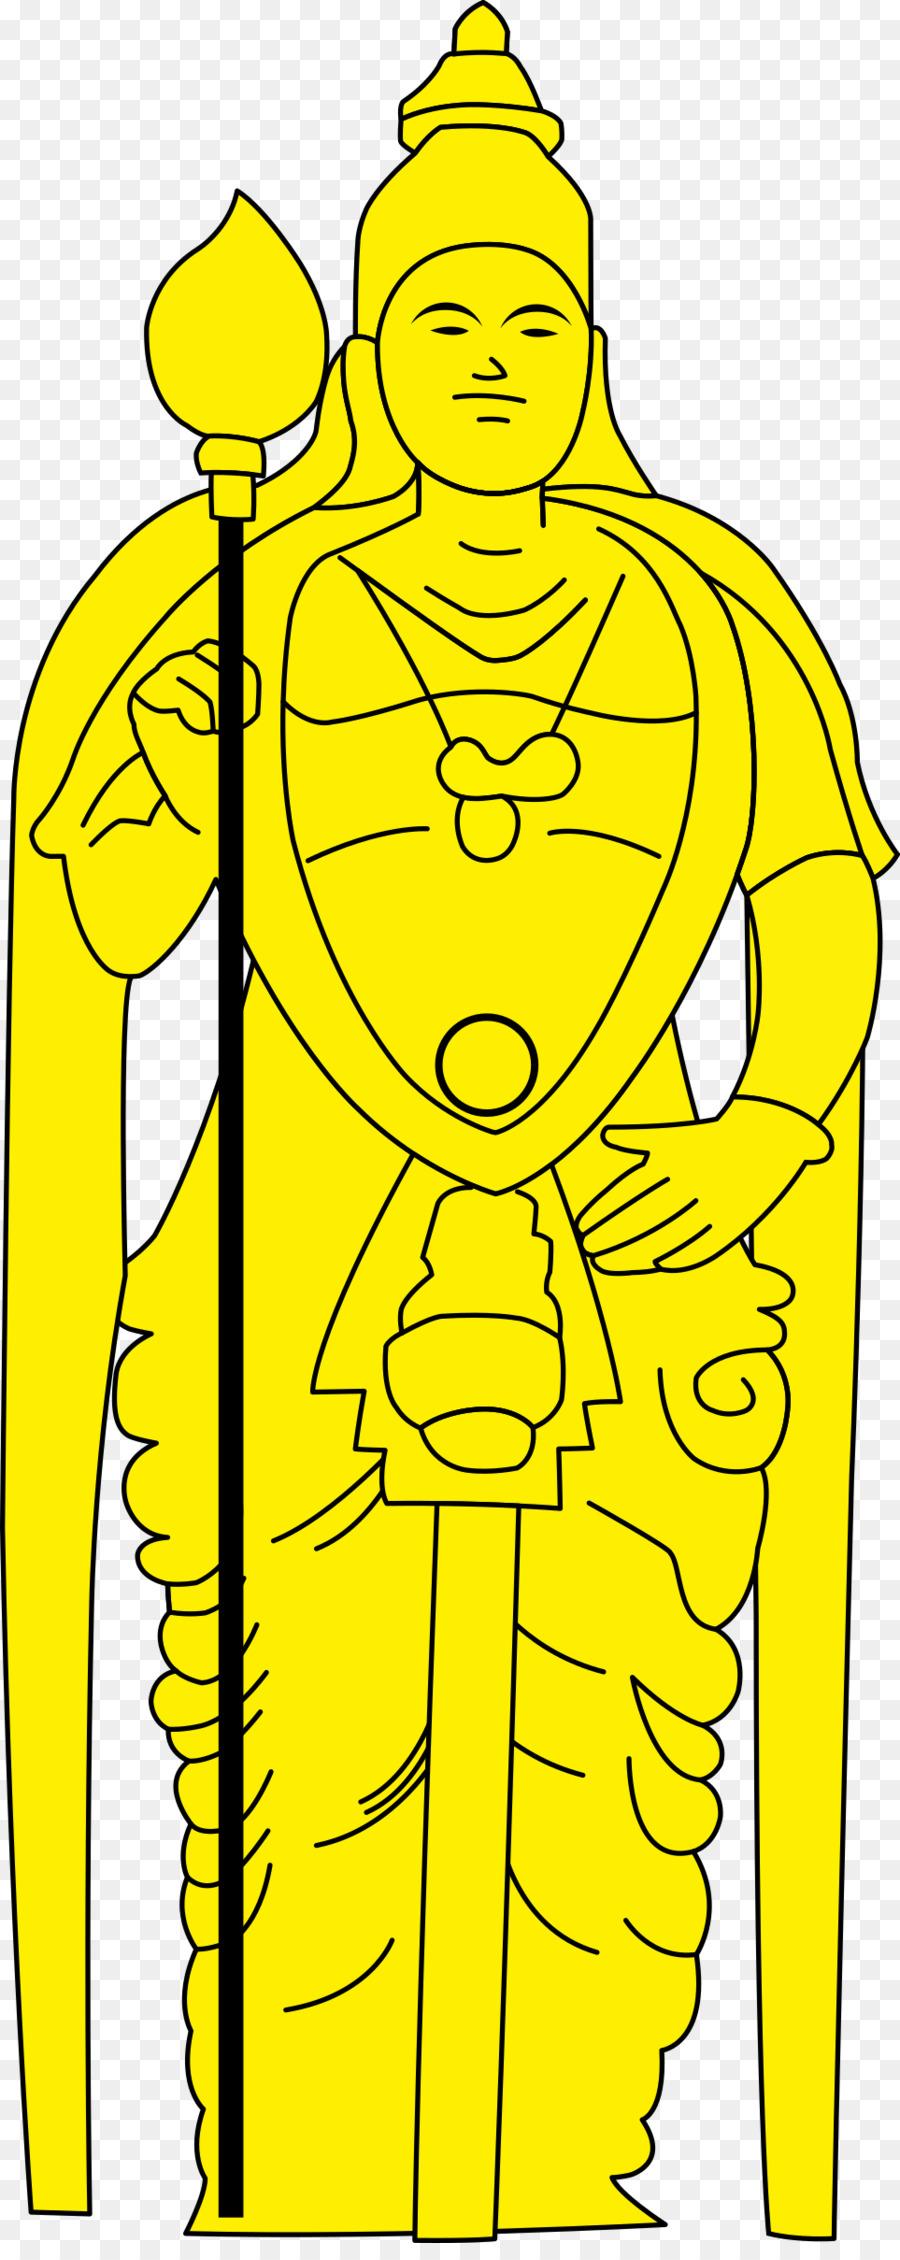 巴图山洞剪贴画巴图山洞主穆鲁甘雕像塔普萨姆